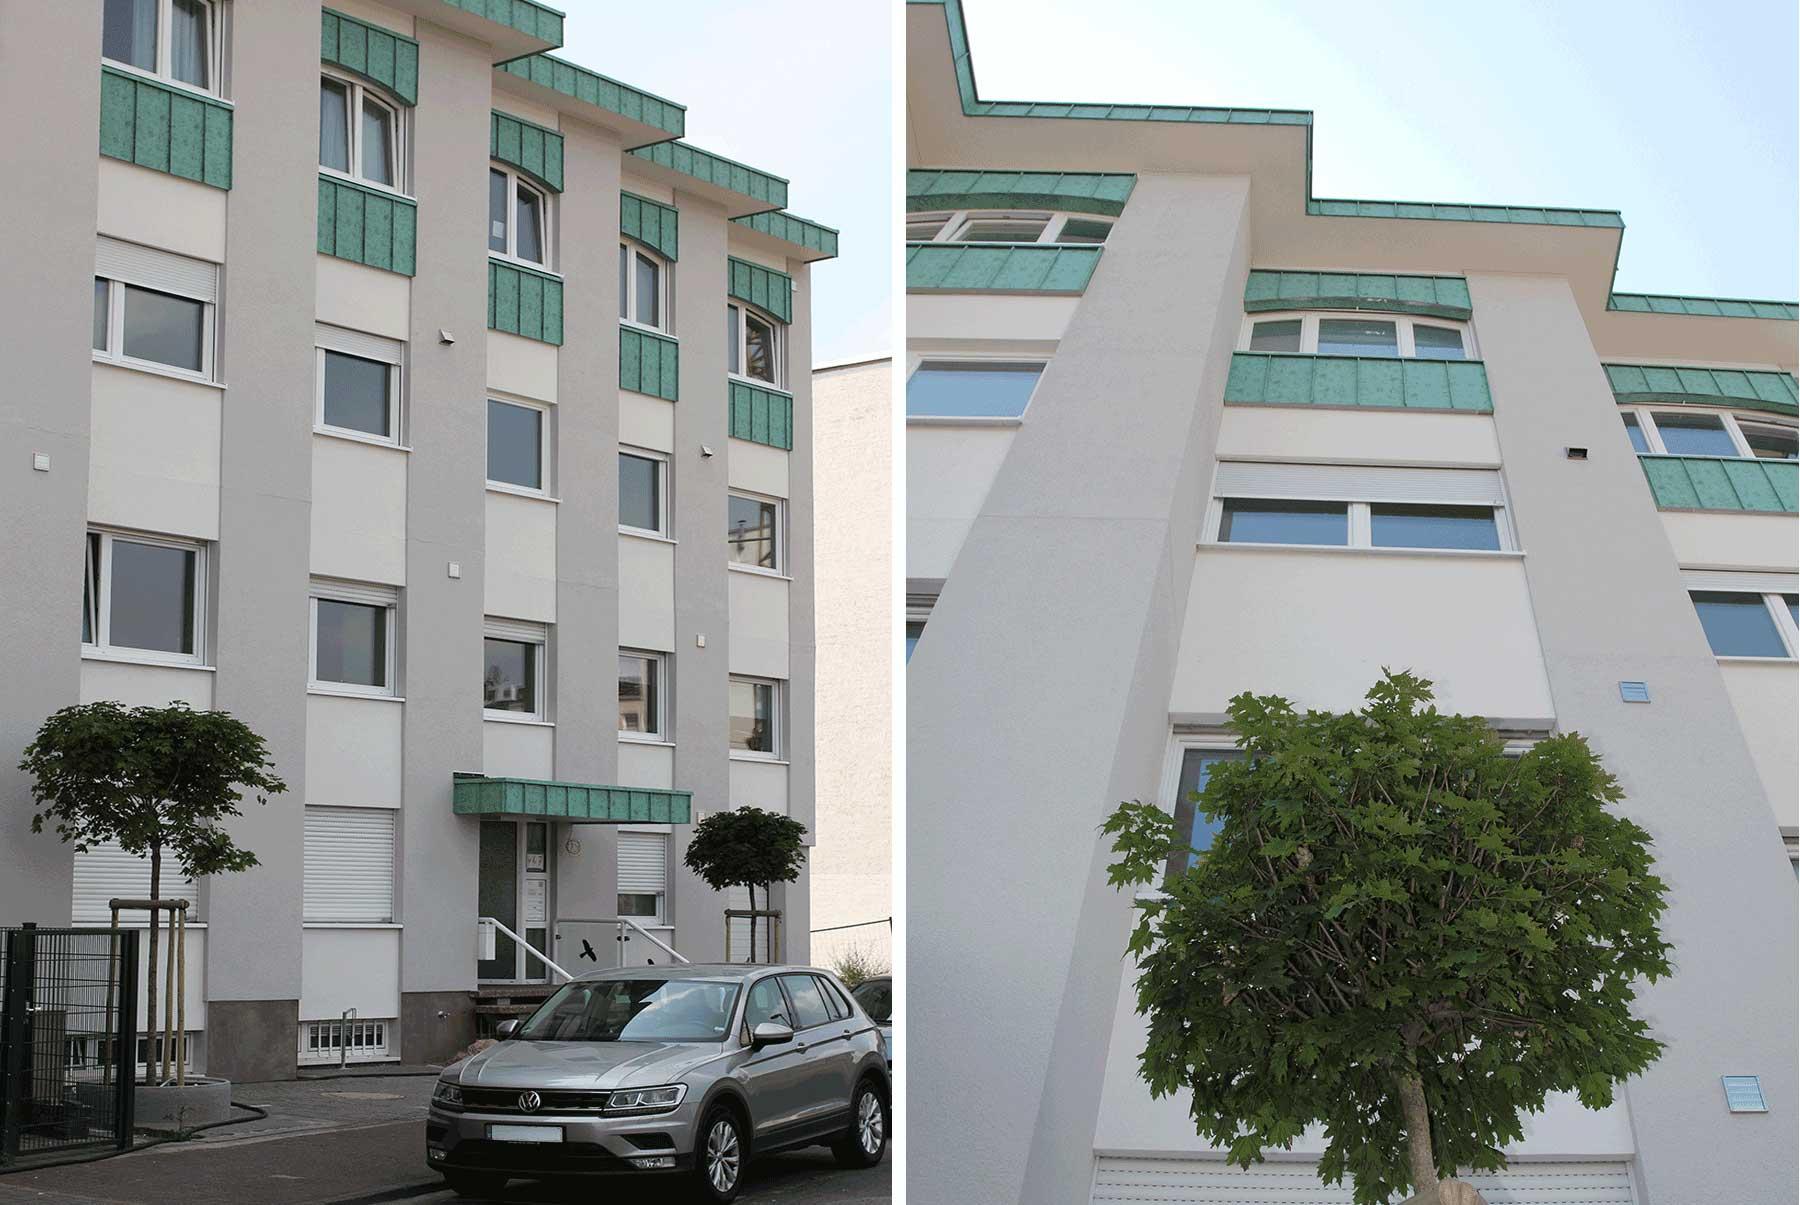 TR47_Ansichten_Fassade_MayerSchmidtkeArchitekten